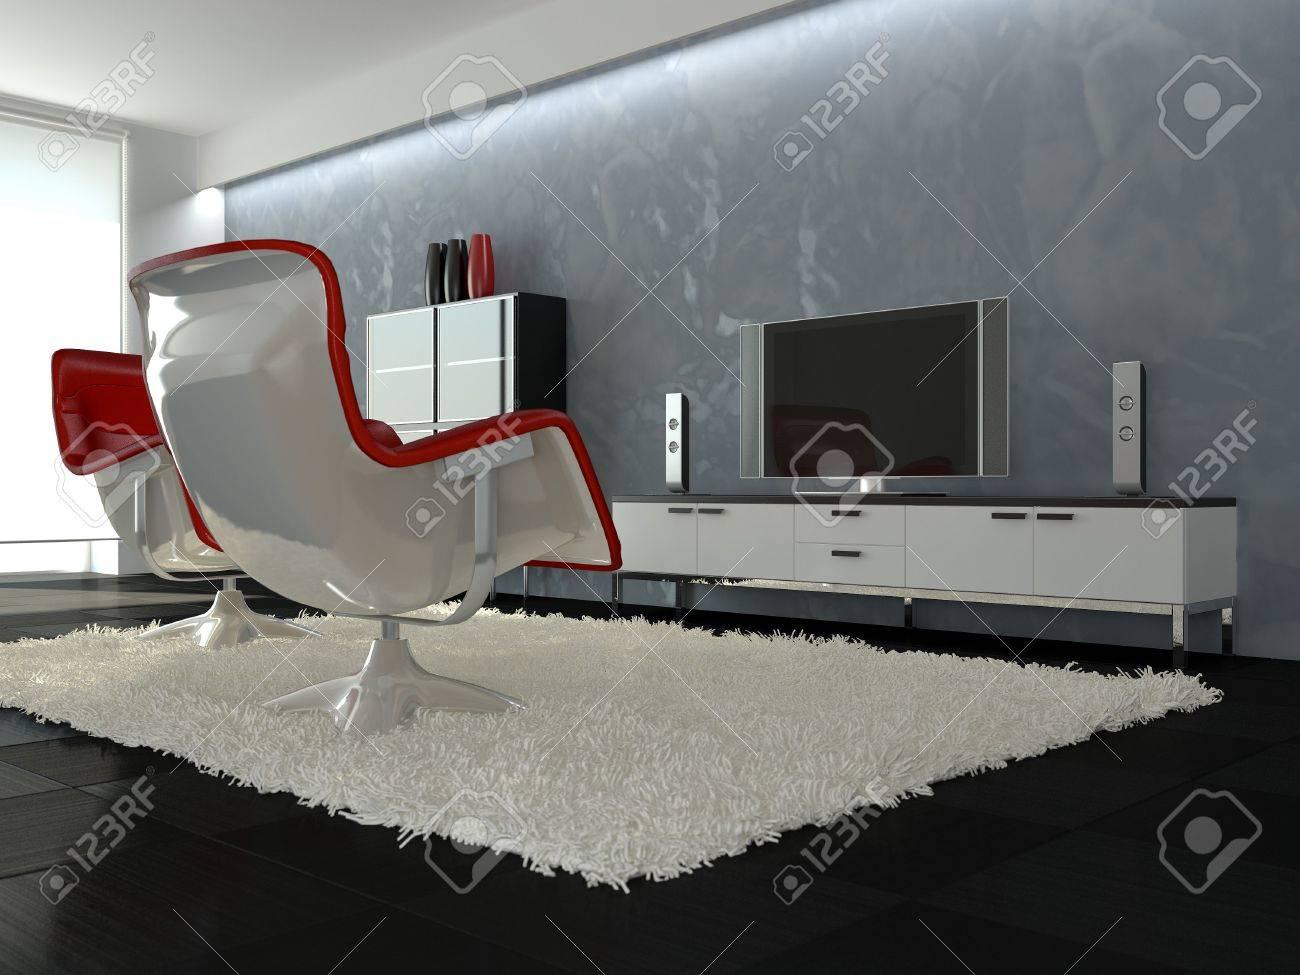 Modern interior mit keramischen boden weißen teppich red sessel